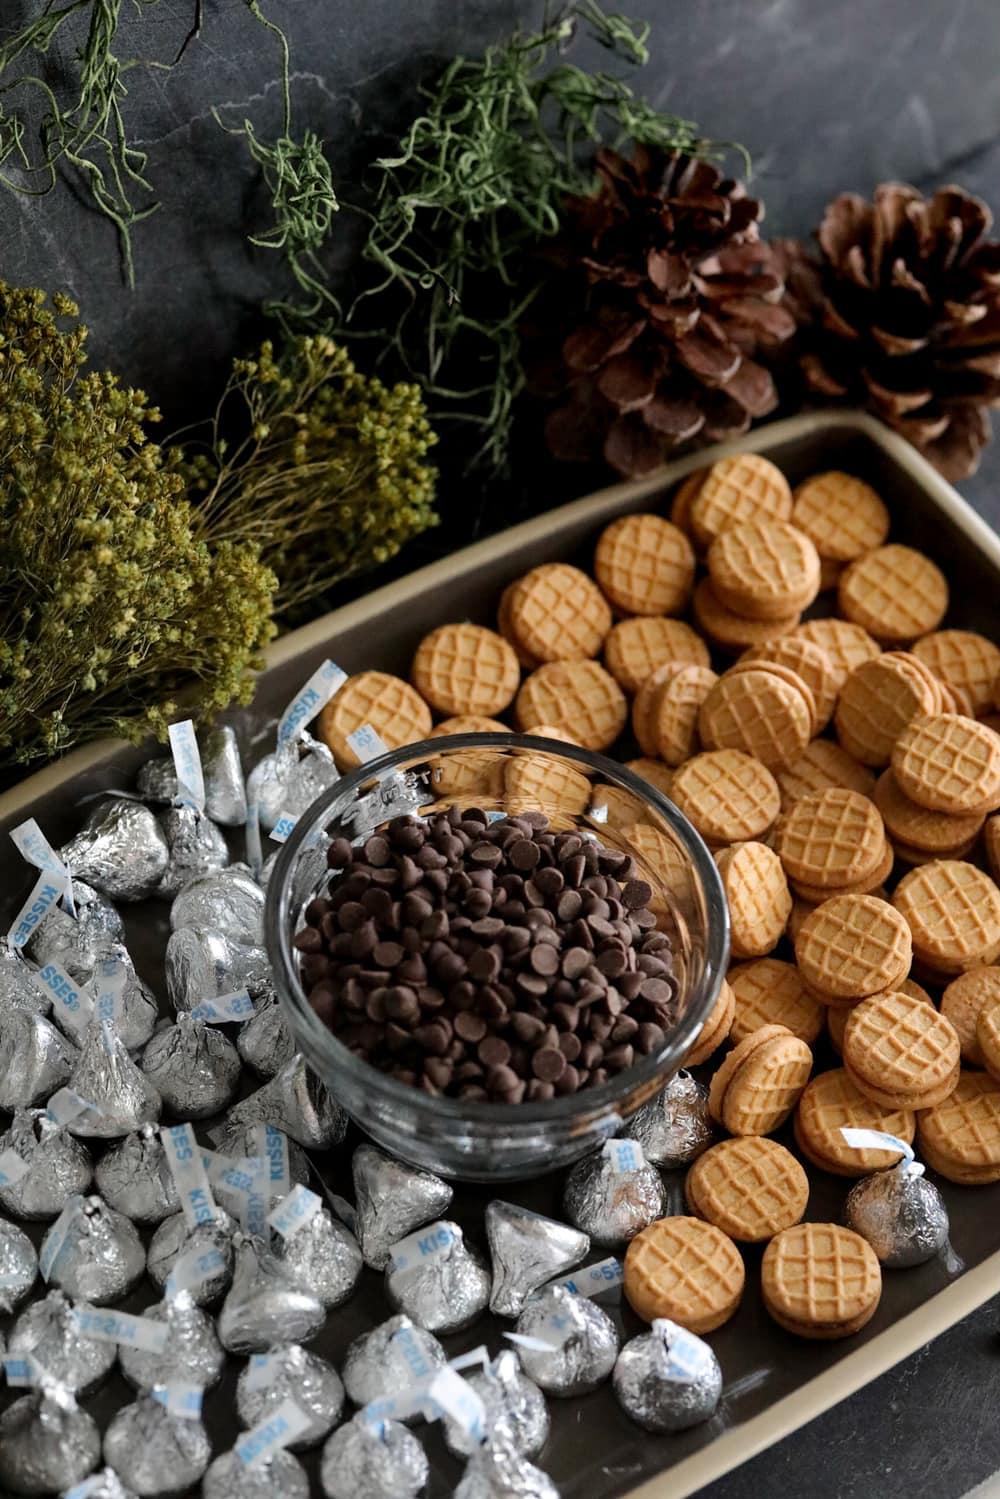 acorn cookie ingredients